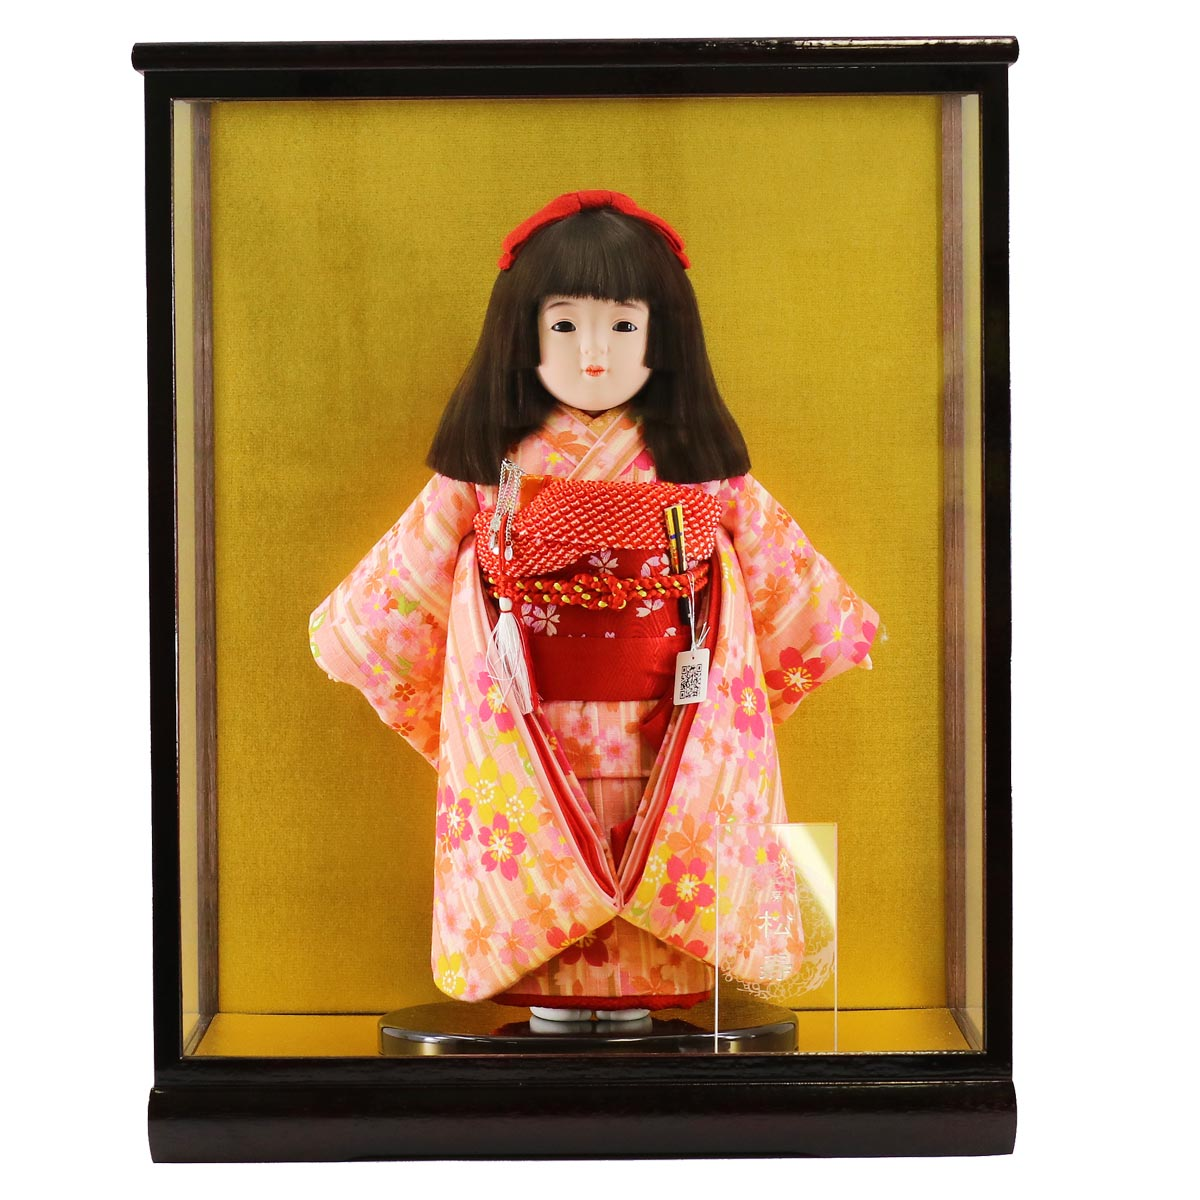 市松人形 松寿 コンパクト 市松人形 松寿作 市松人形 特選友禅 ケース入り (HB45) 市松 ICMY-BH16008-15G-C (HB45)ひな人形 かわいい ひな人形 小さい ミニ